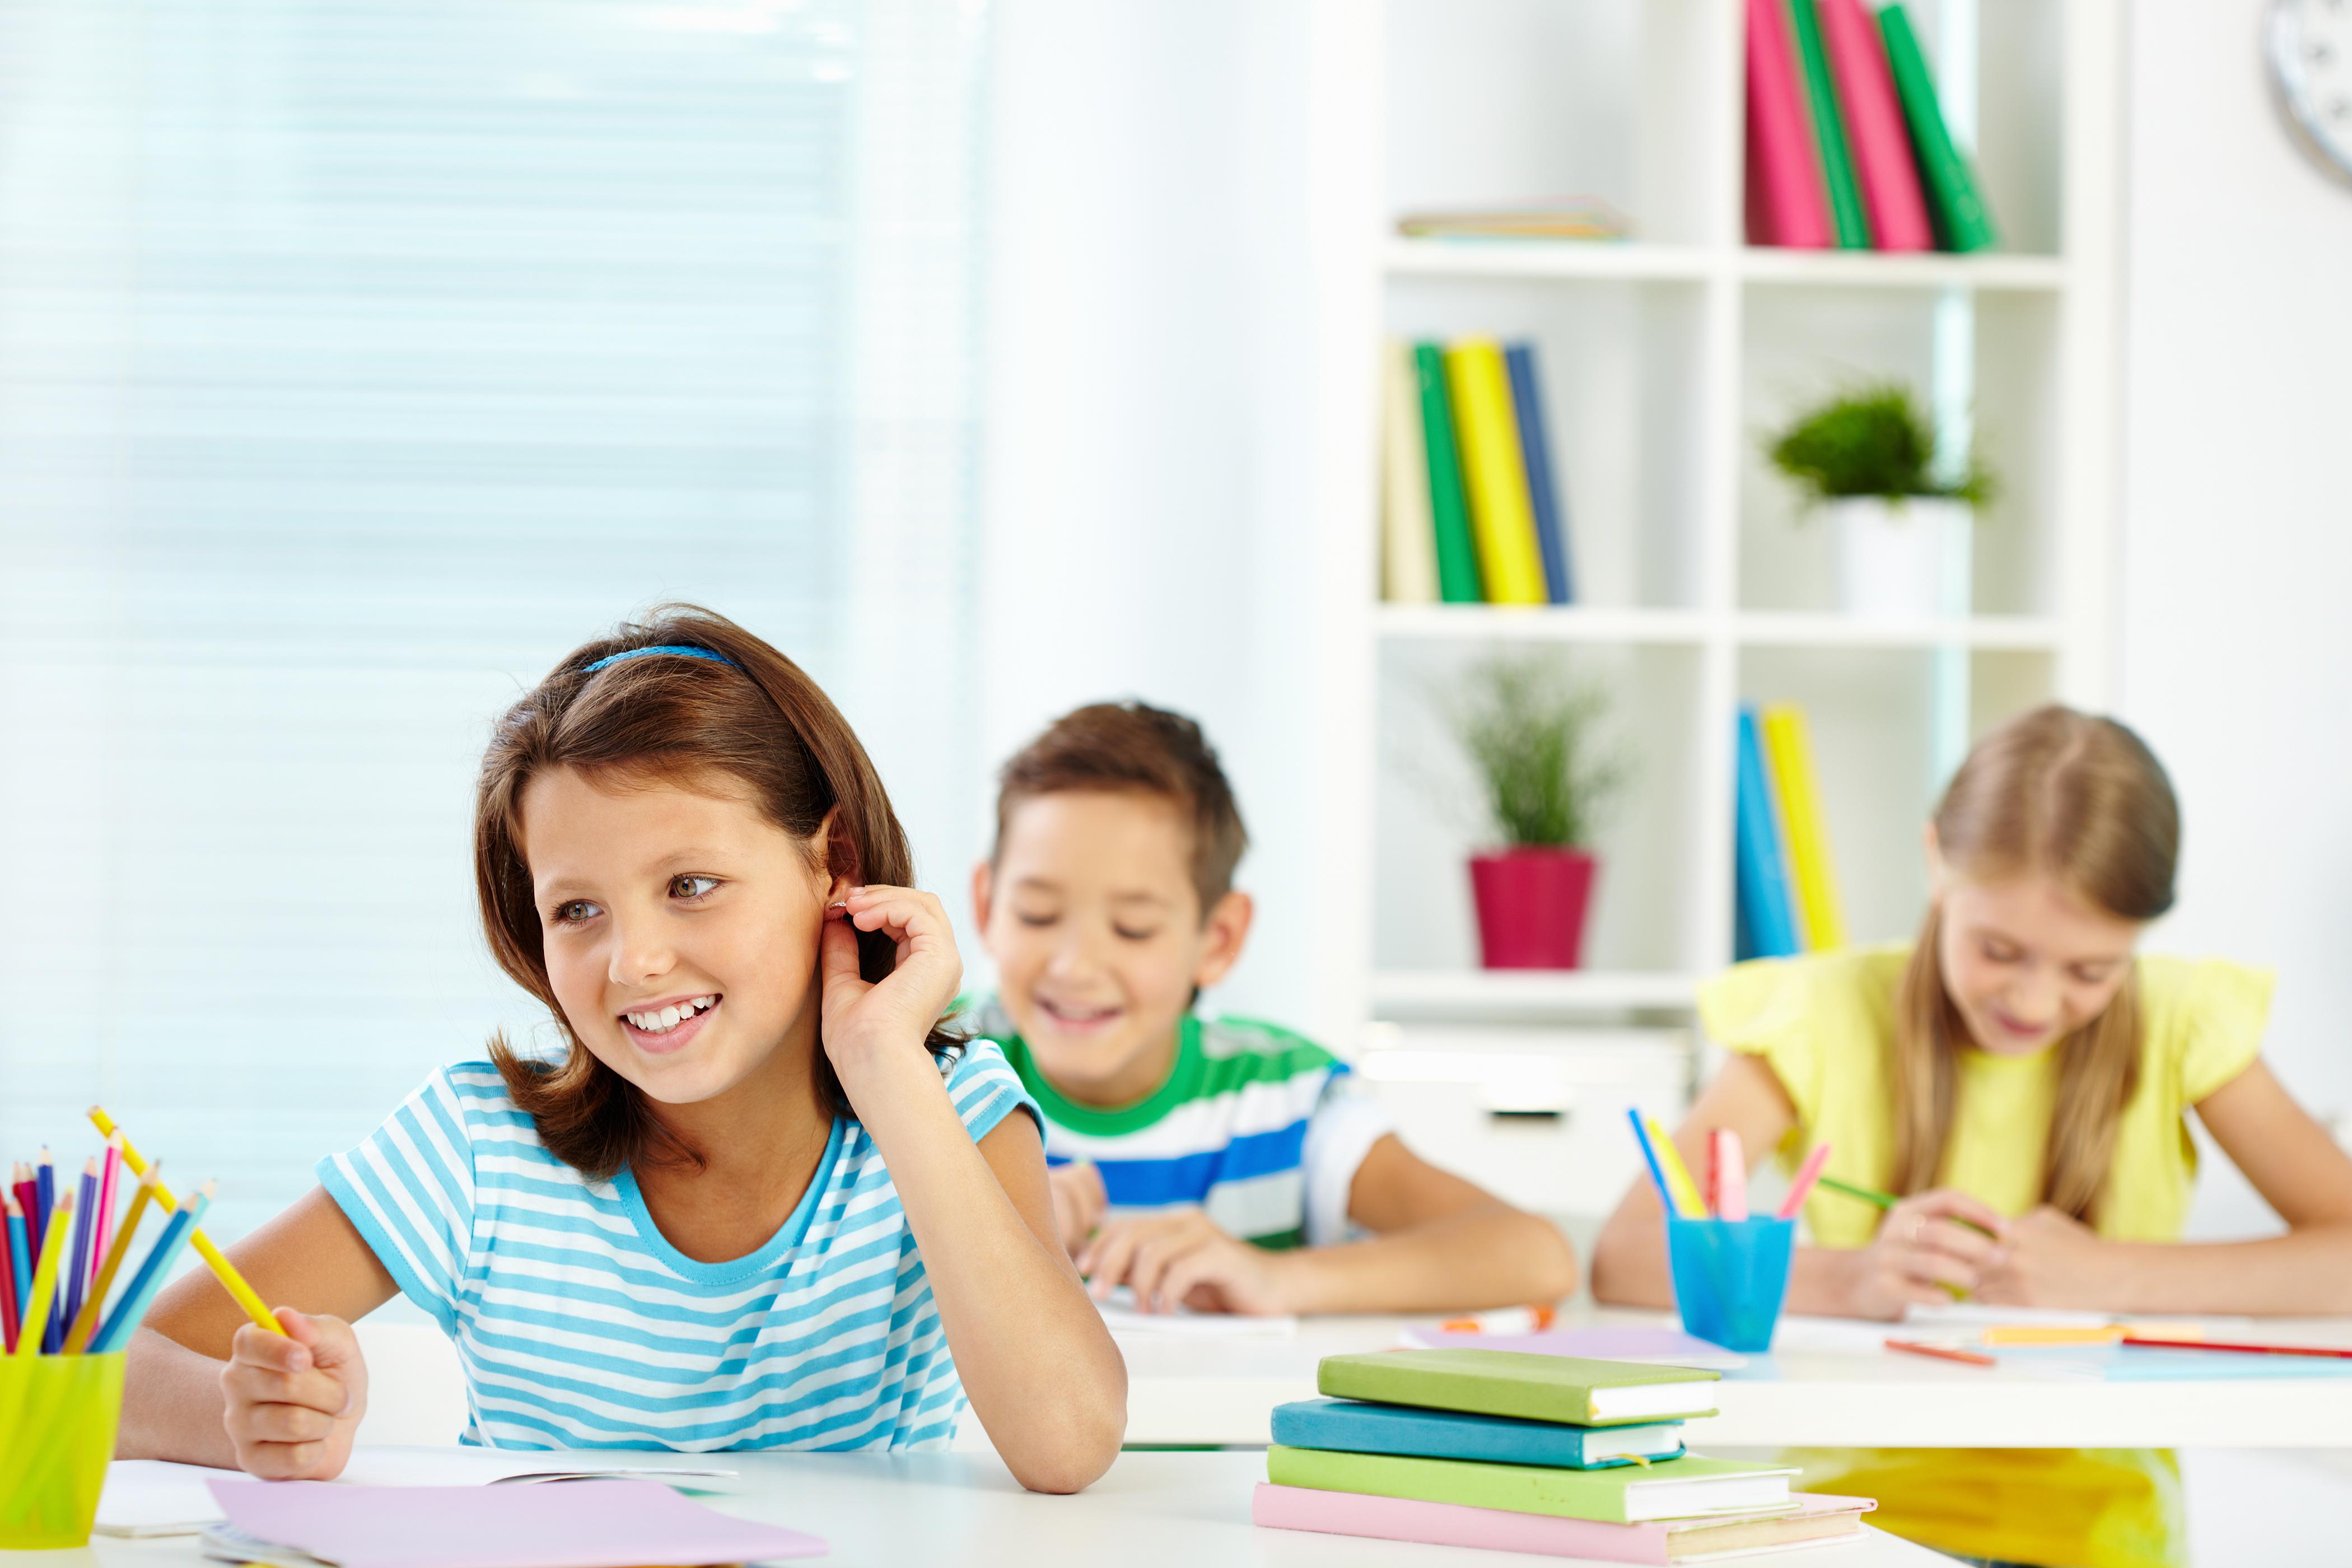 كم هو العمر المناسب لتعلم اللغة الانجليزية؟